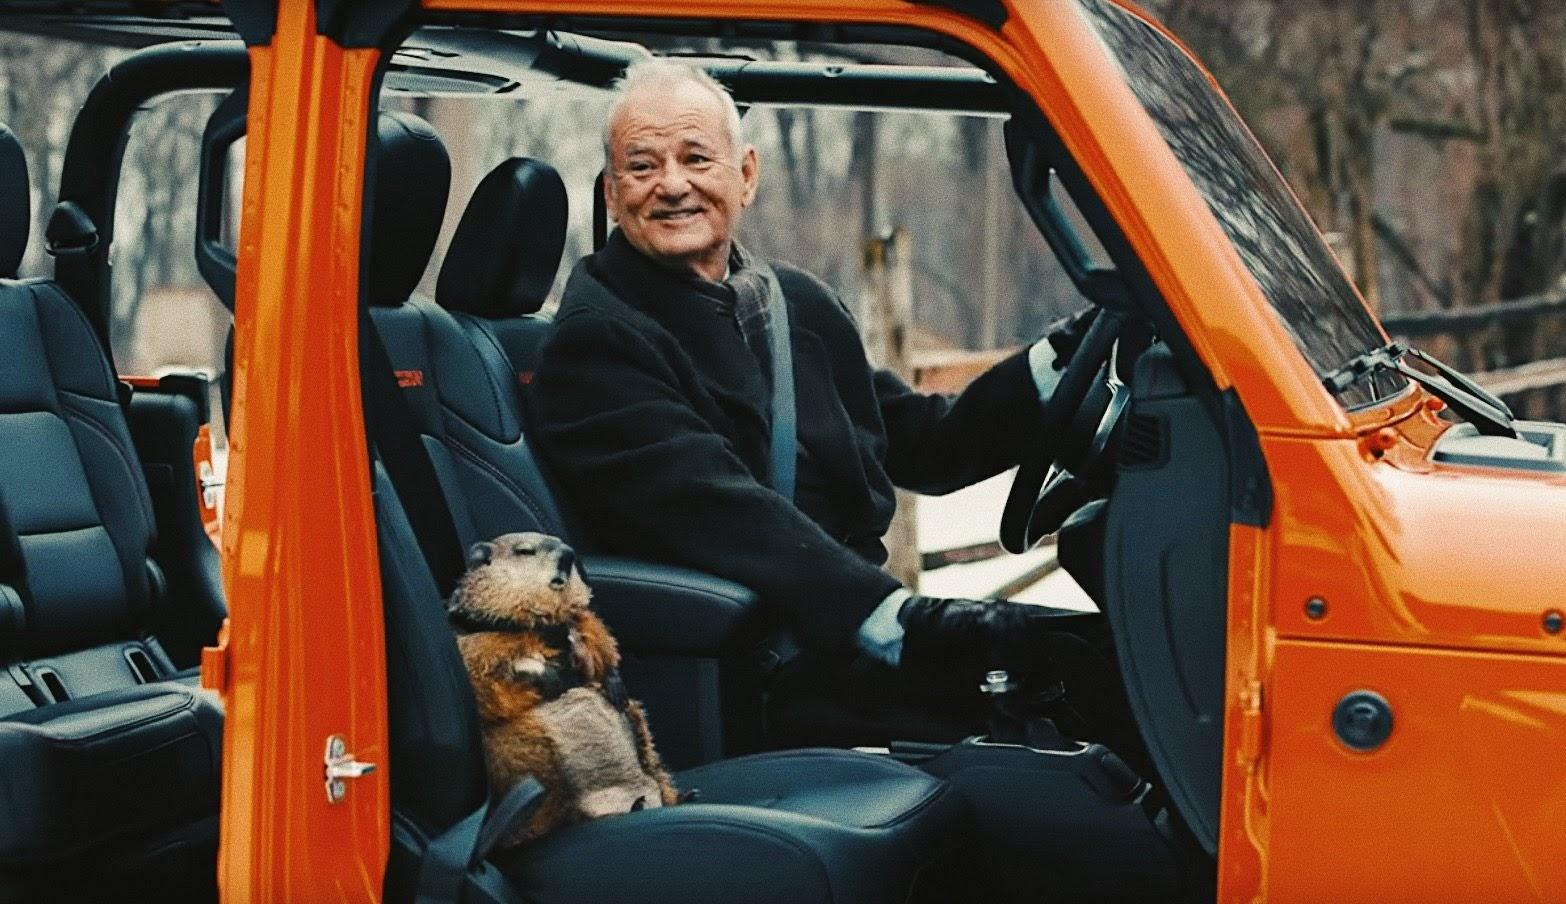 Jeep® schickte Bill Murray zum 'Groundhog Day' 02.02.2020 ins Rennen | Beste Werbung